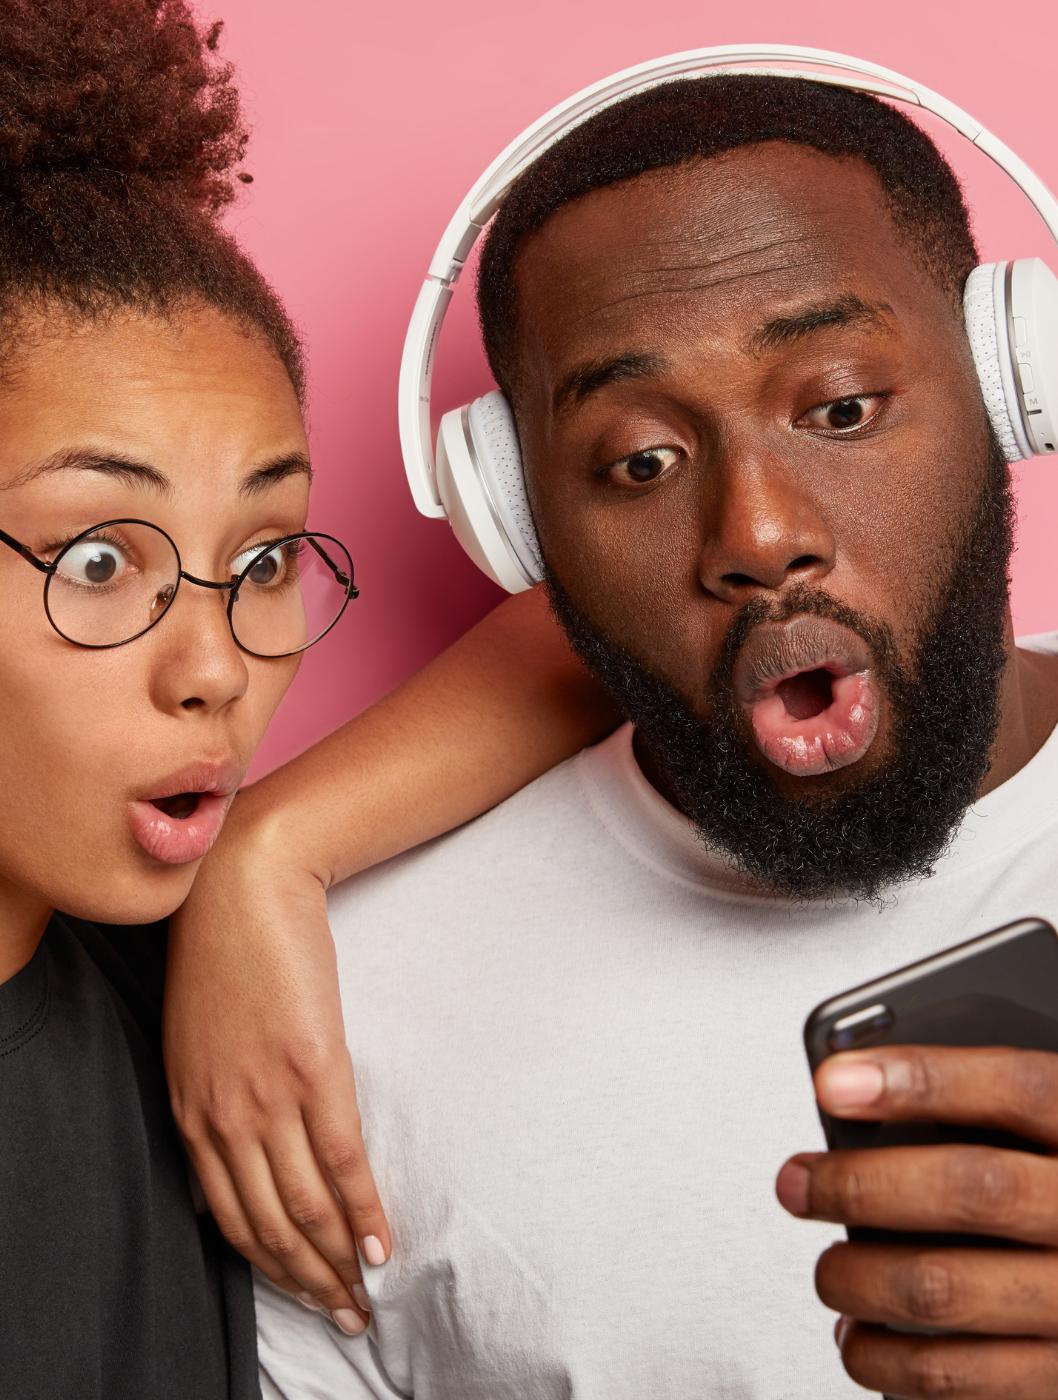 Måske du har set en reaktionsvideo på YouTube eller andre sociale medier, hvor man ser en person, reagerer på en video. Det er mega-sjovt, og er superpopulært. Men udover at videoerne typisk er sjove, så er der også en anden grund til, at vi lever os så meget ind i dem. Læs med her og hør hvorfor.